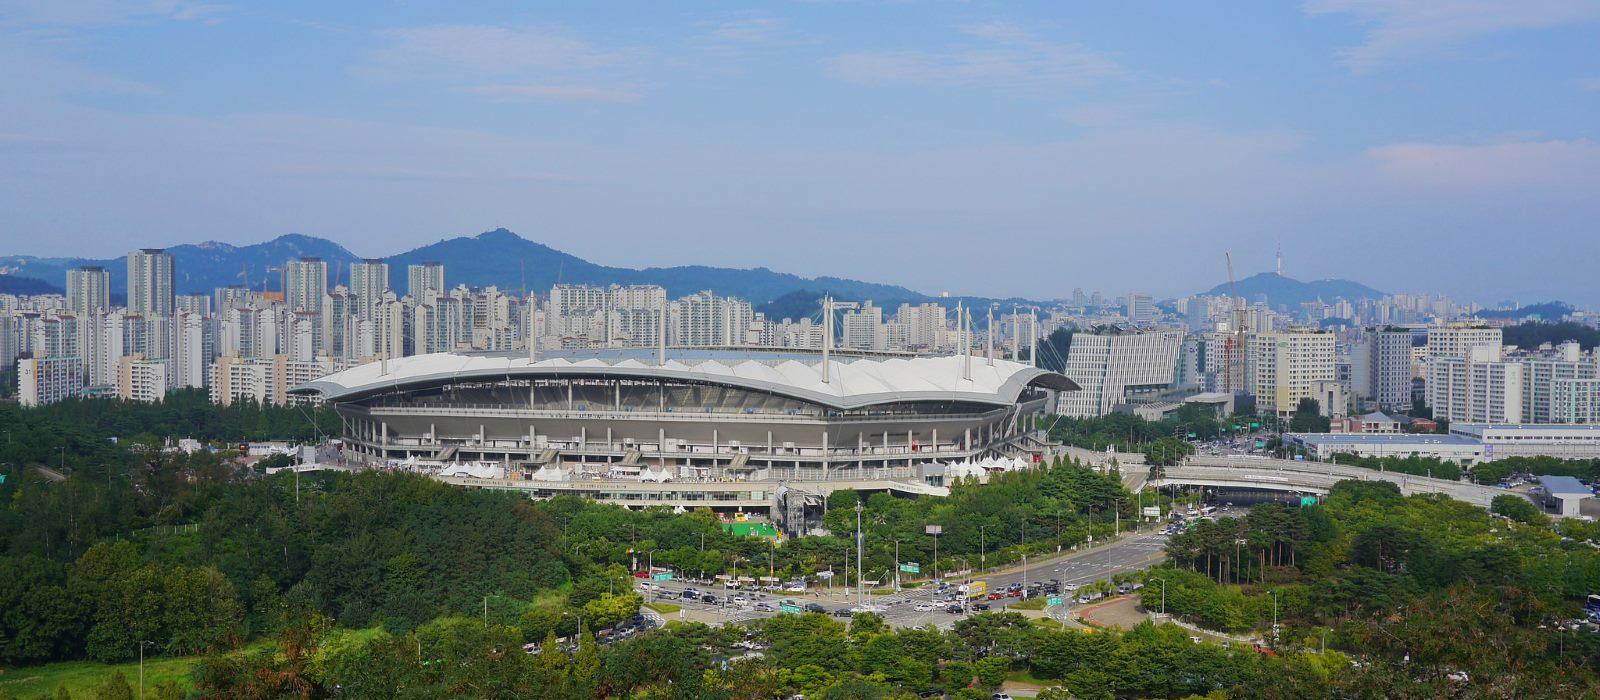 Seoul die größten Haupstädte